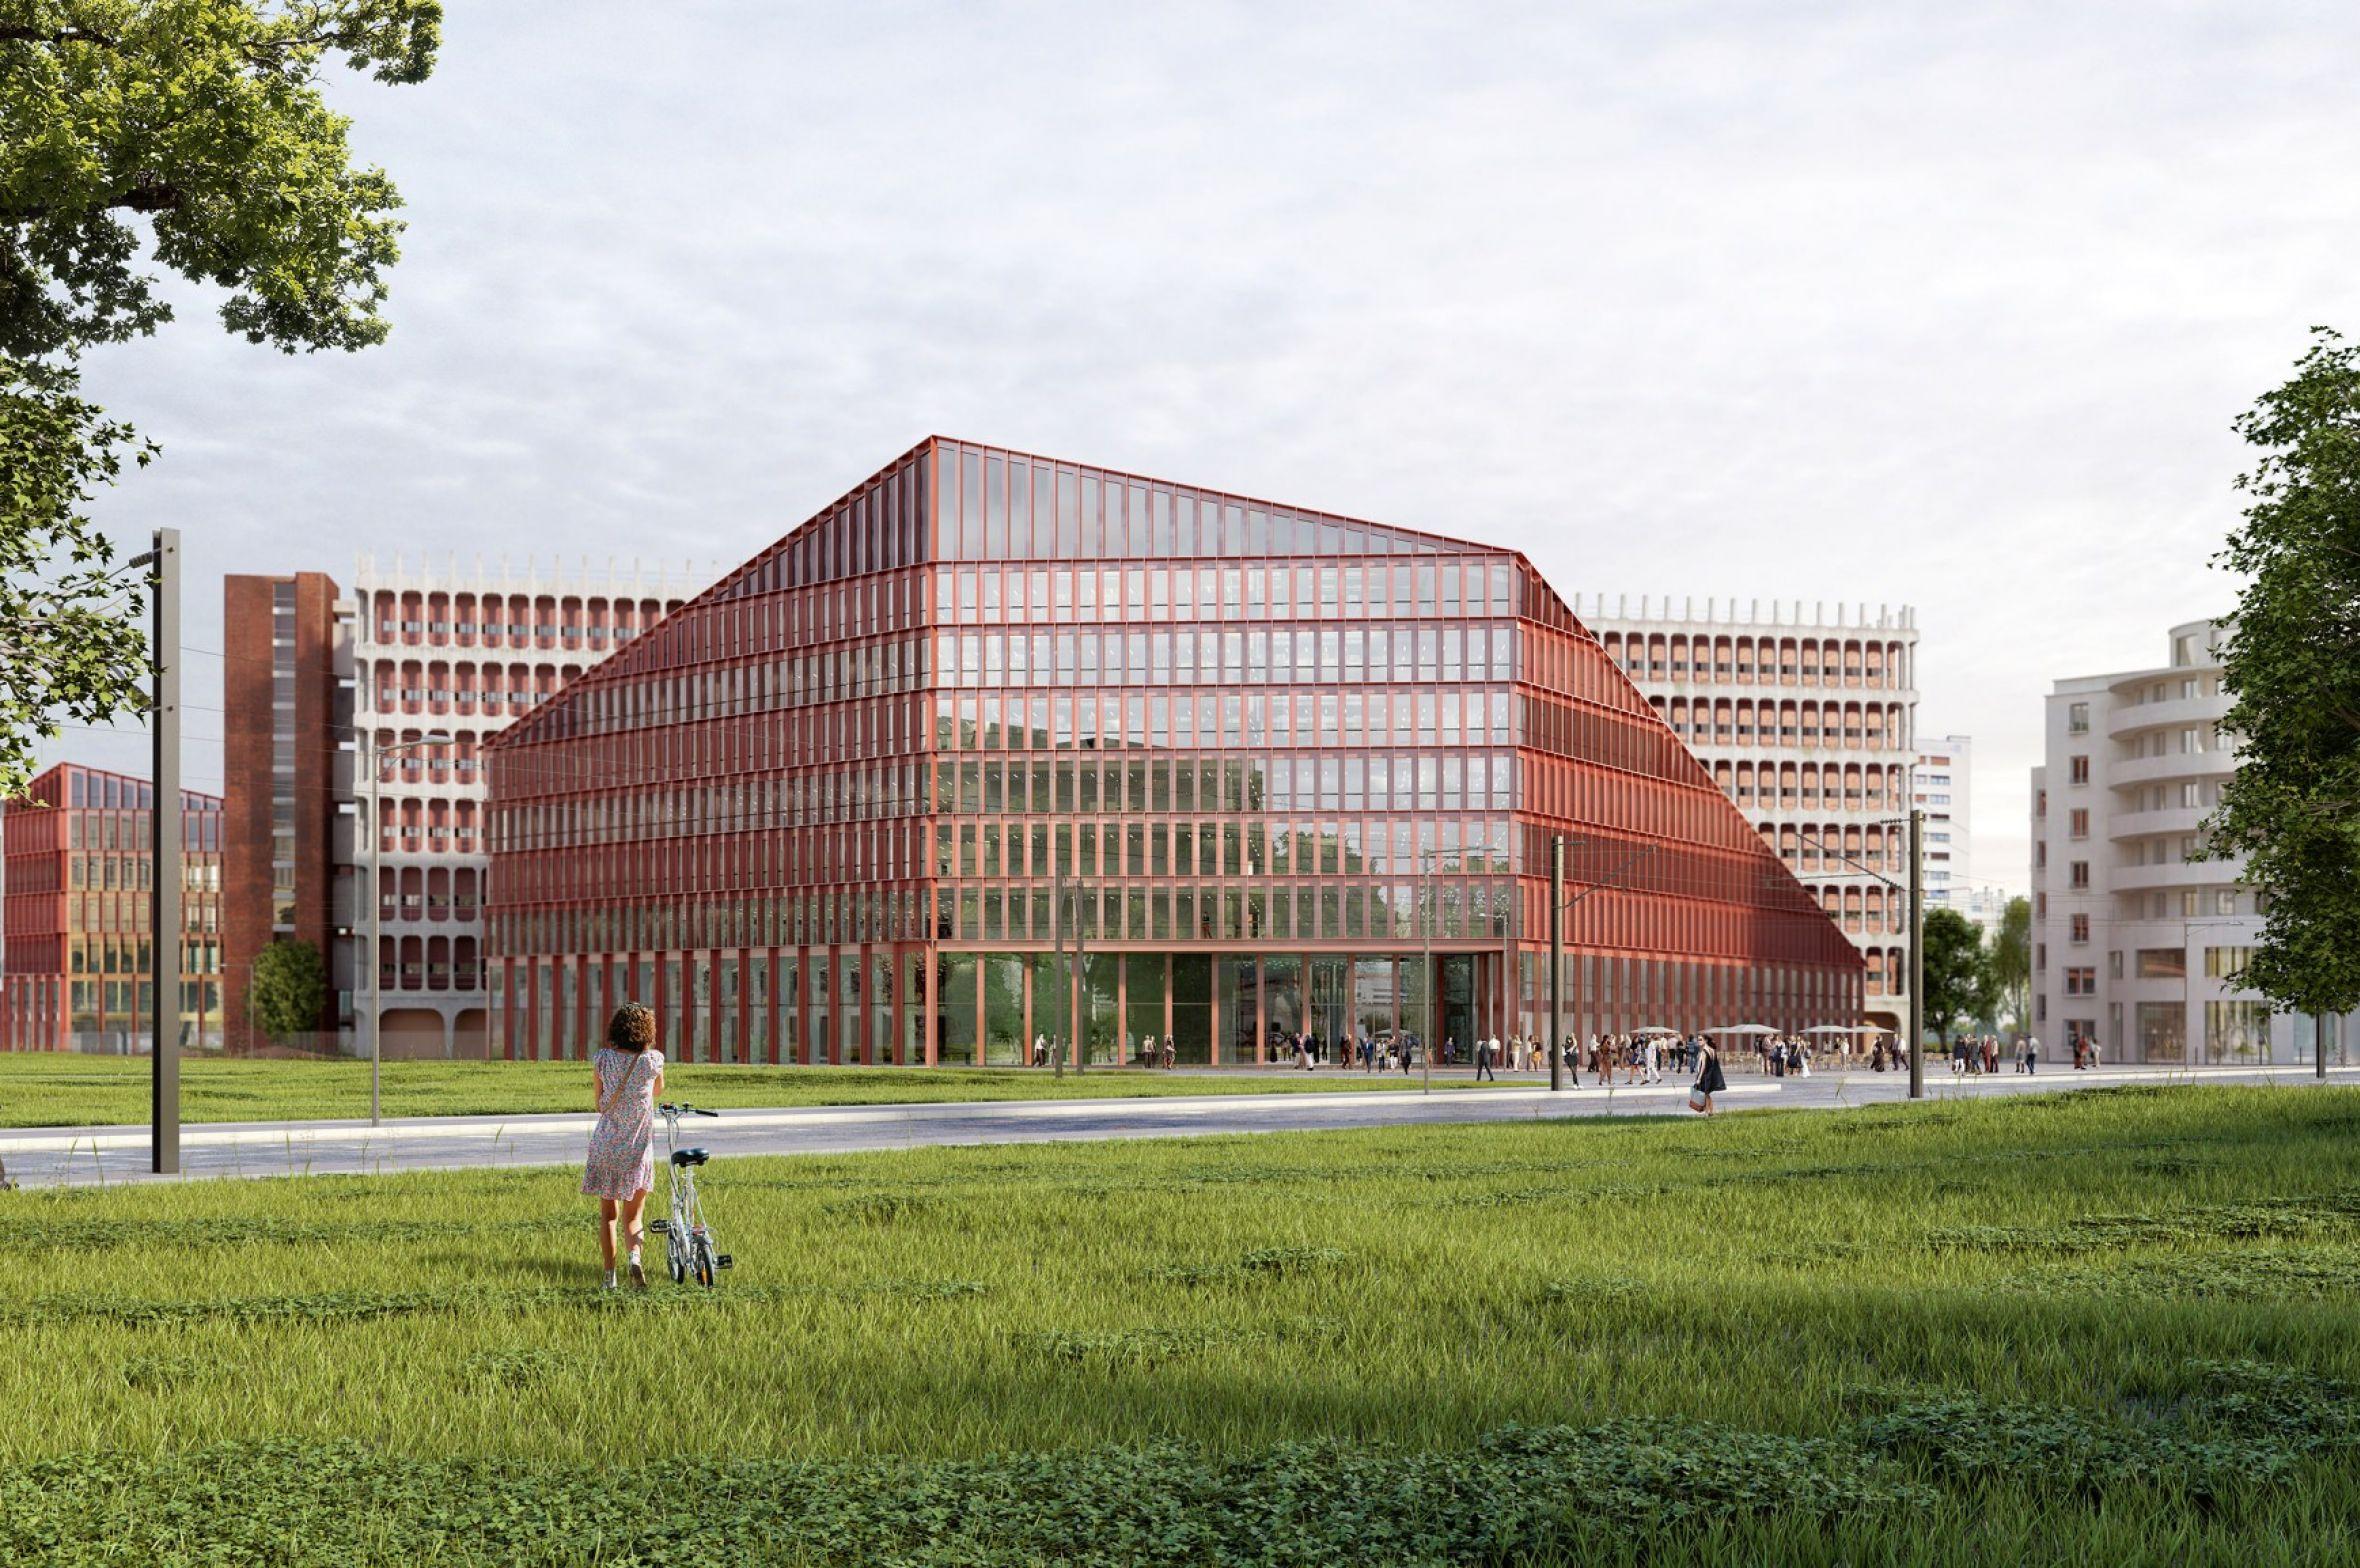 Eiffage Construction wybuduje nową siedzibę główną Orange wLyonie wykorzystując beton zkruszywem zrecyklingu